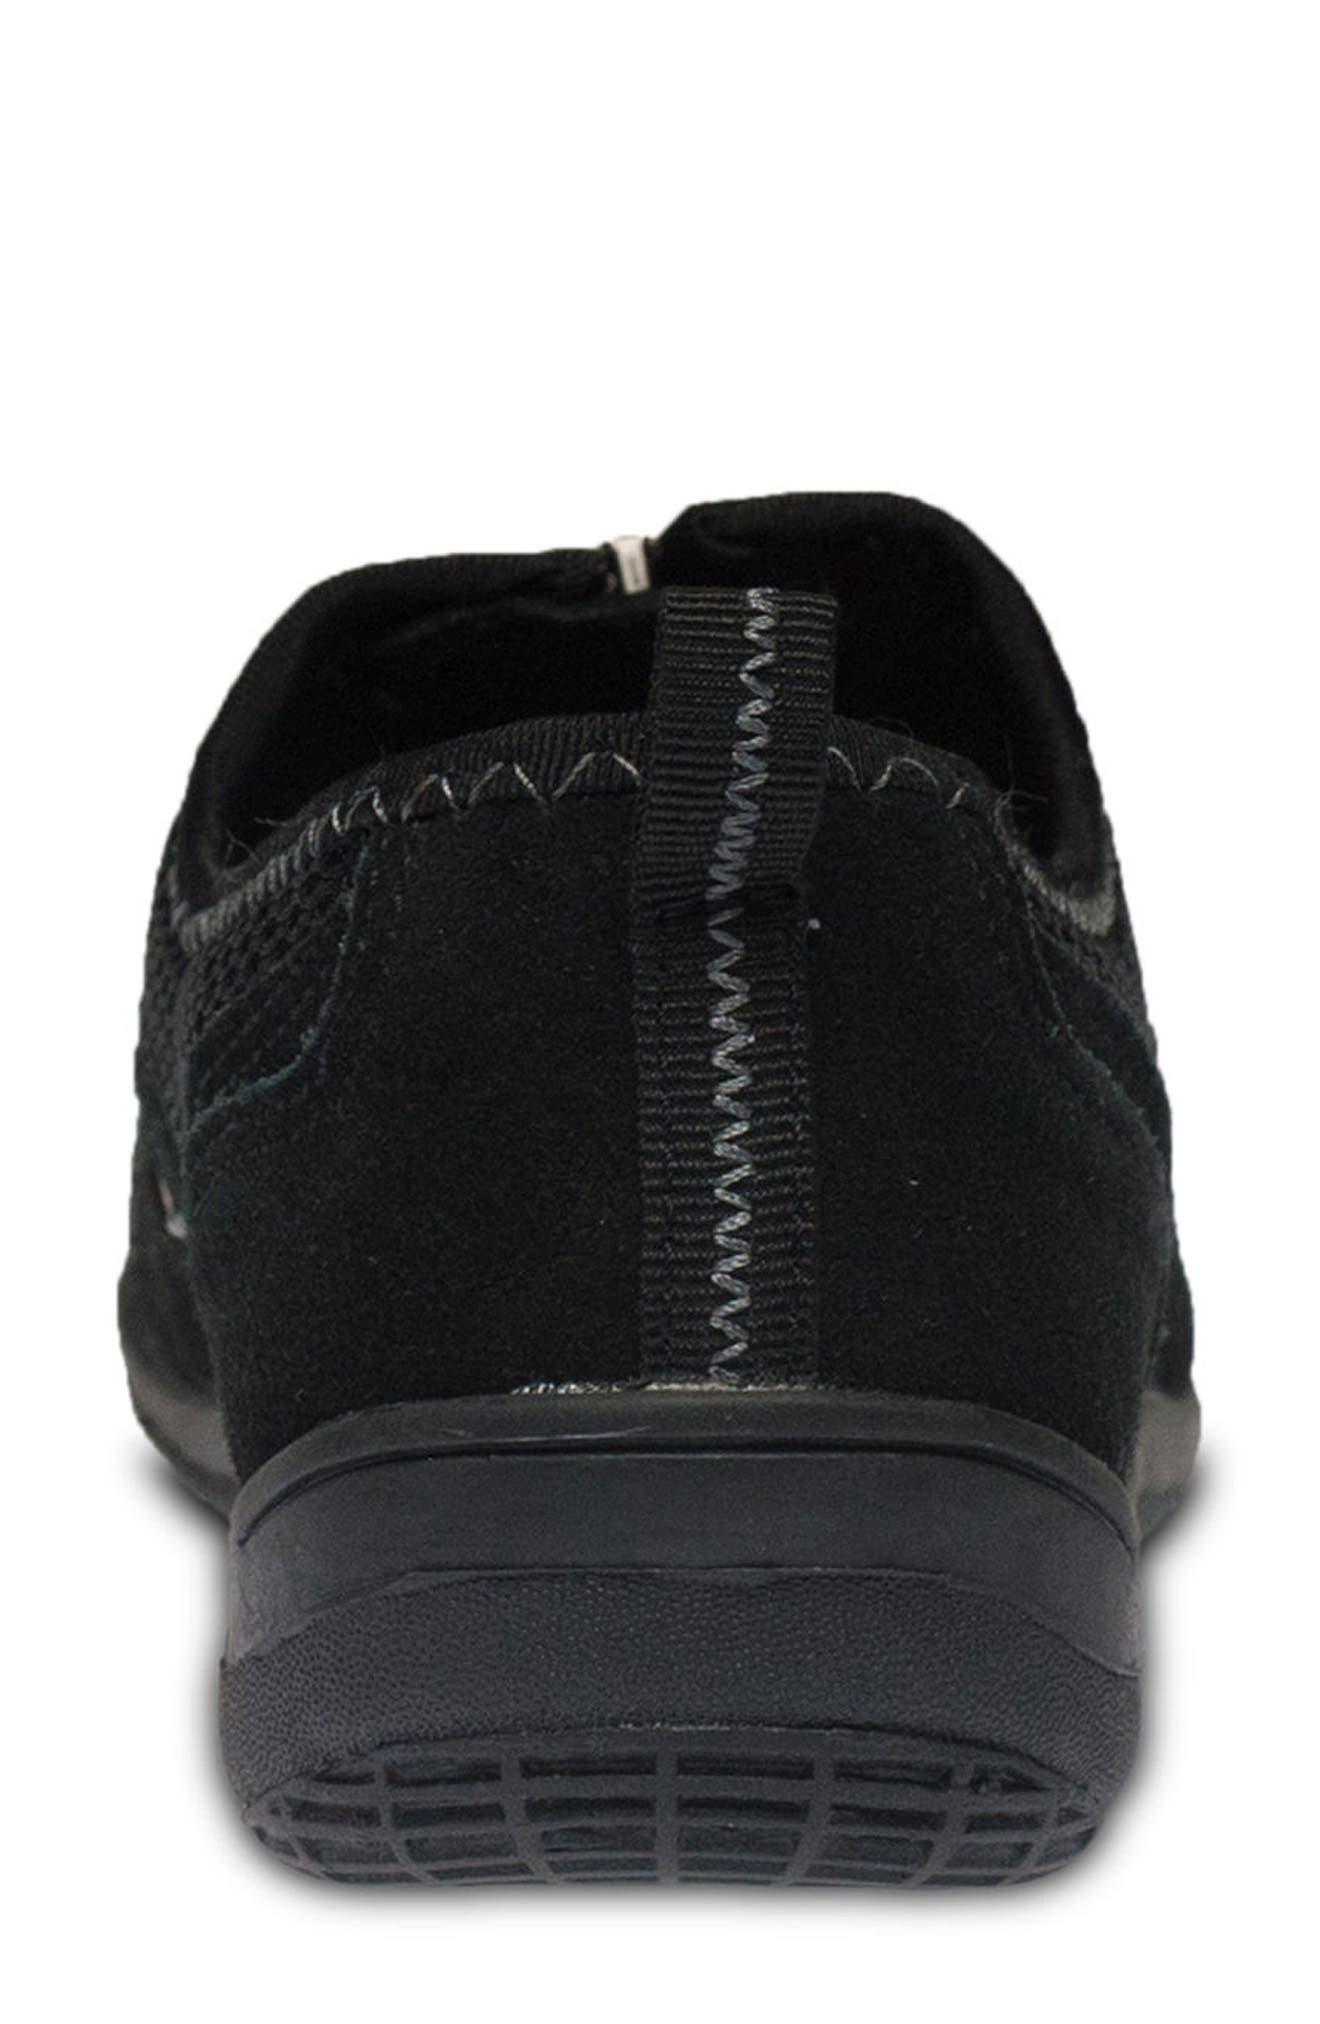 Racer Slip-On Sneaker,                             Alternate thumbnail 6, color,                             BLACK LEATHER